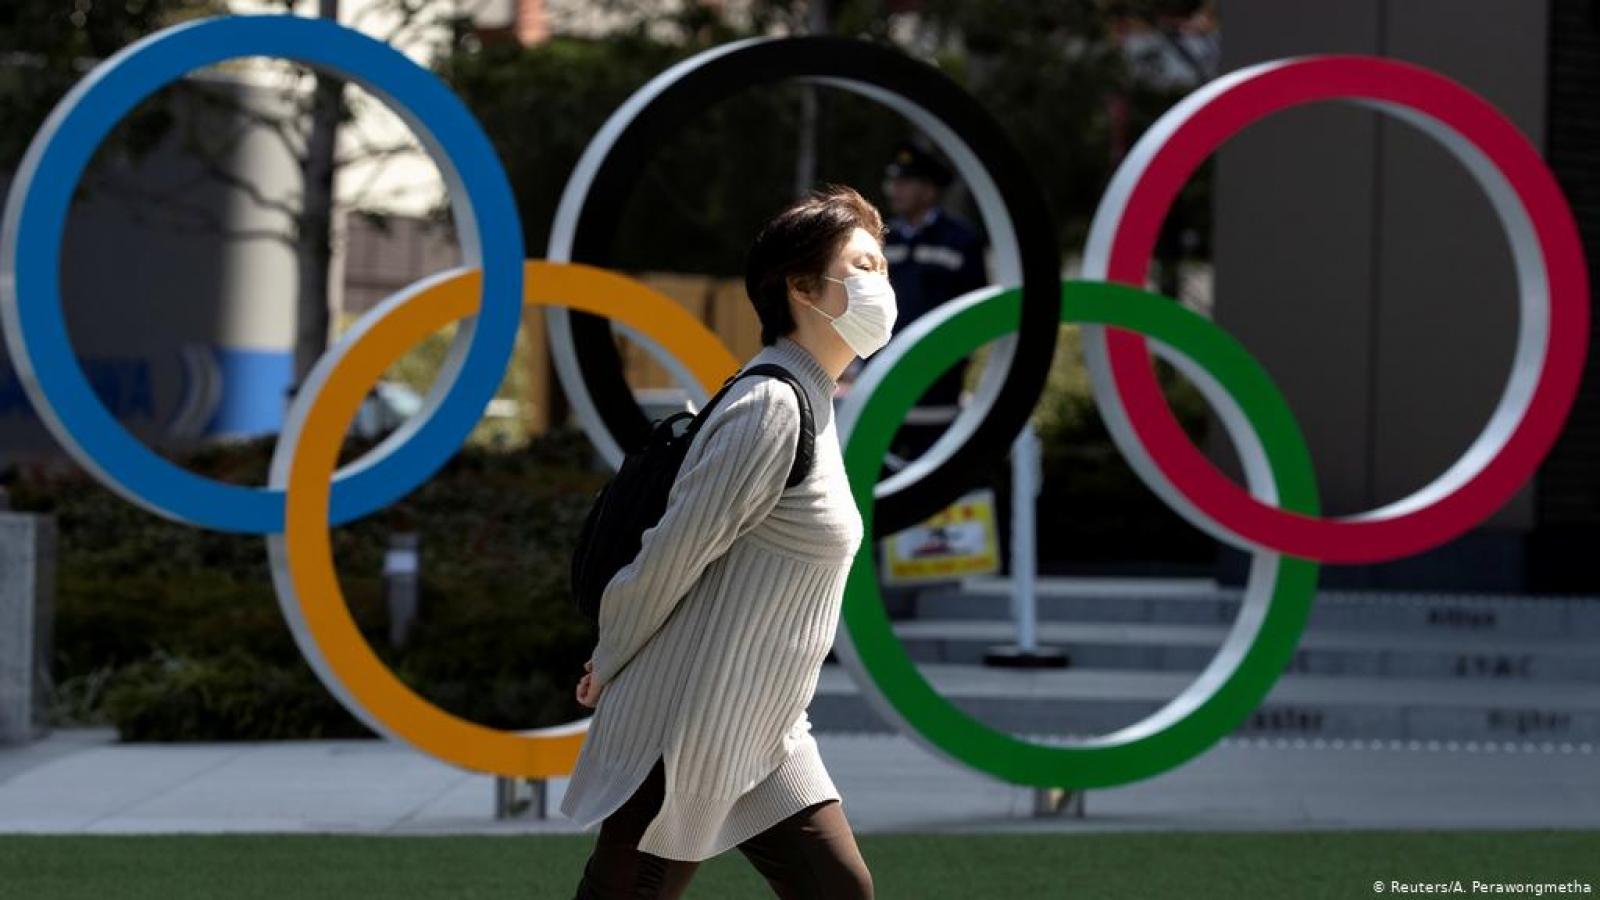 Nhật Bản ưu tiên dỡ bỏ tình trạng khẩn cấp để tổ chức Olympic